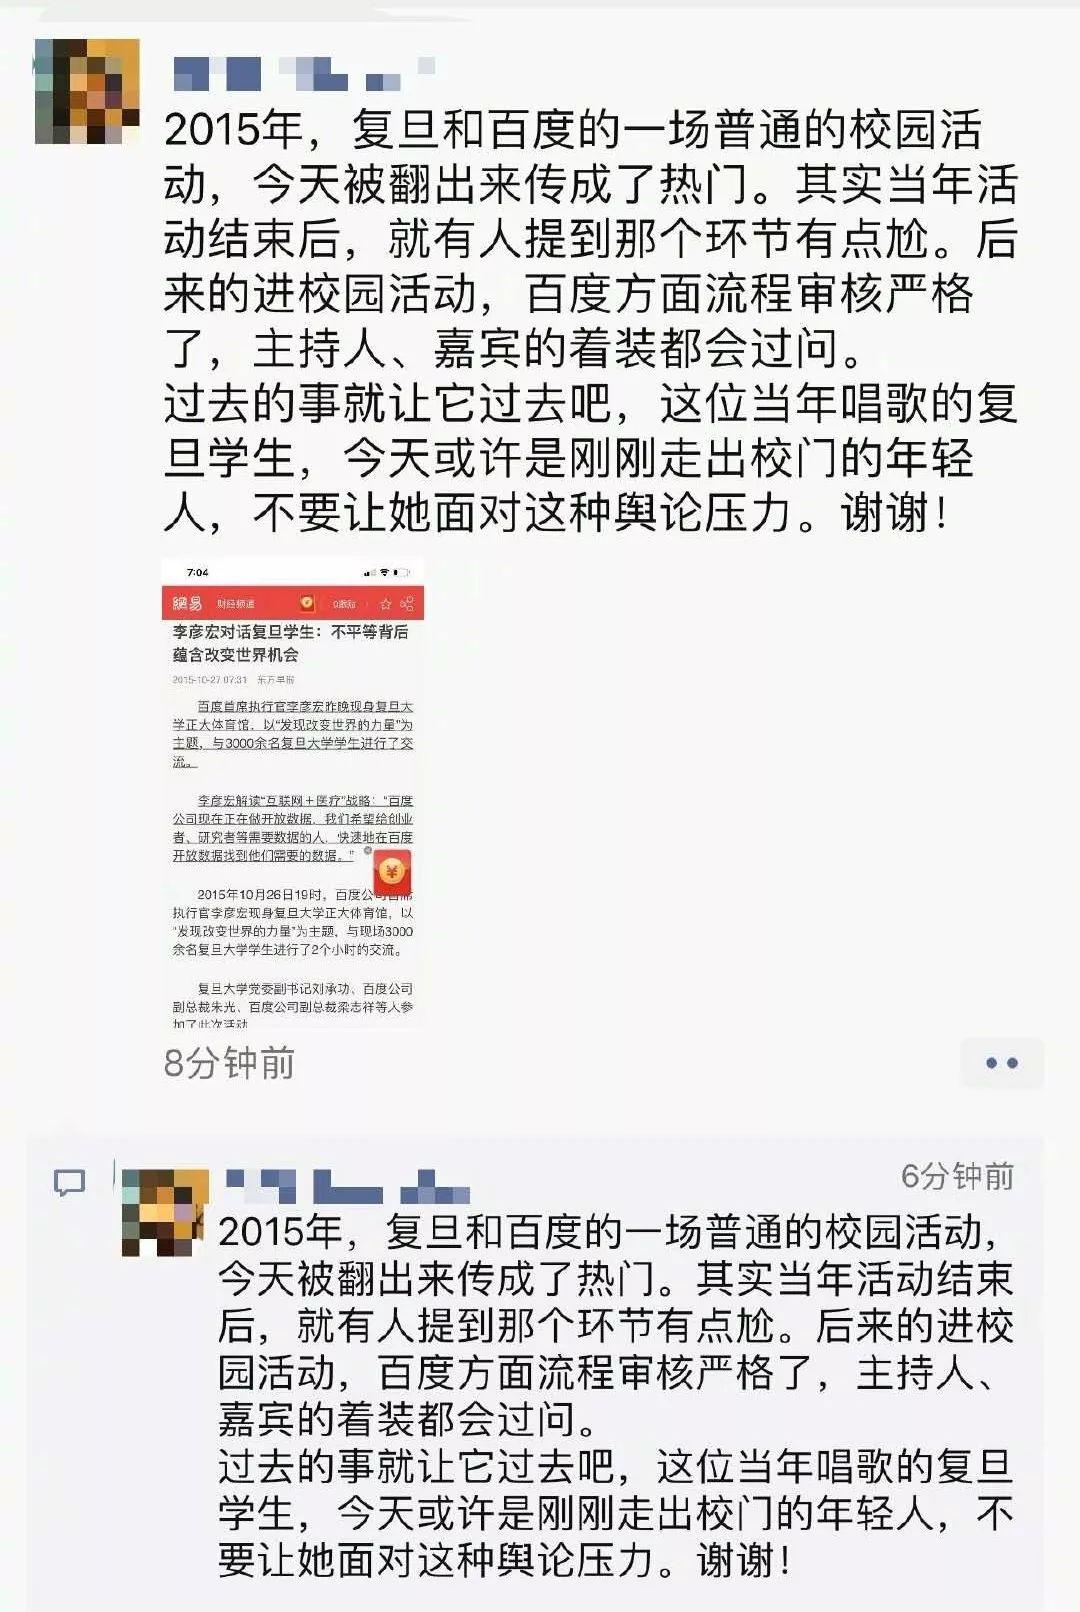 华为呼吁合作理性应对数字安全挑战;腾讯电竞最新报告;苹果遭遇隐私诉讼 | 猬报